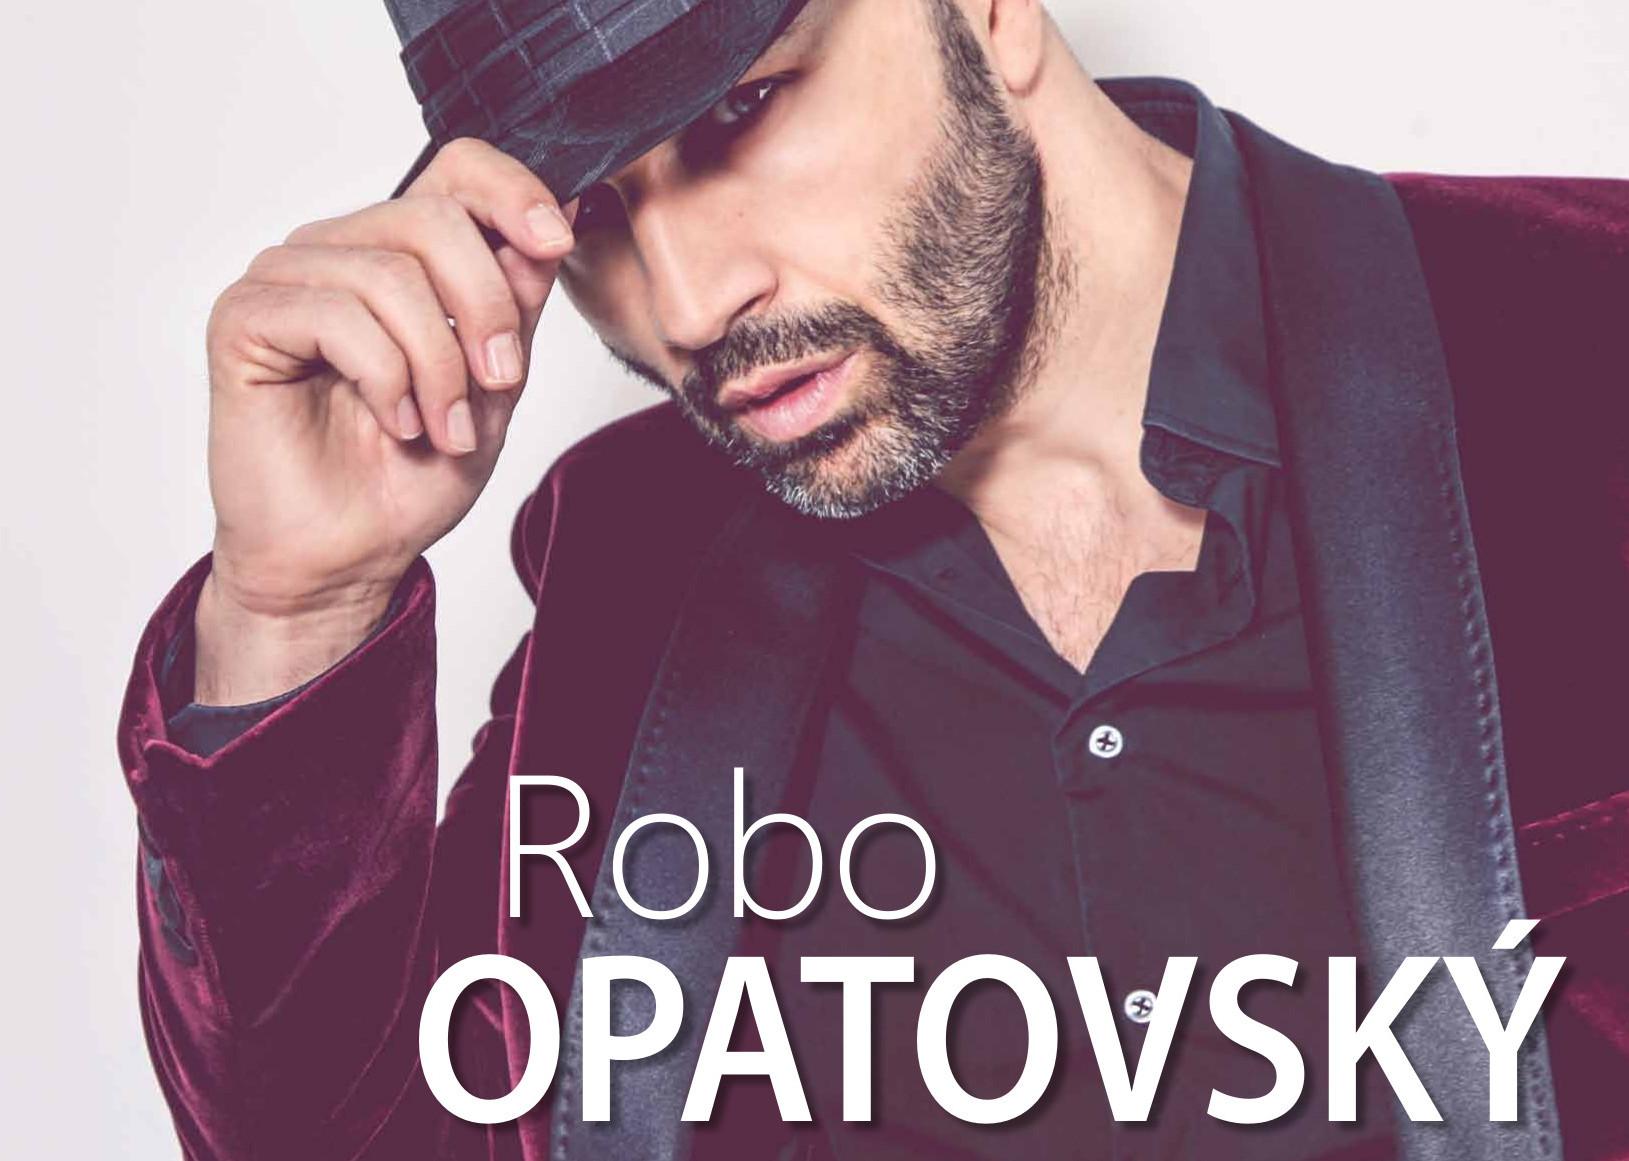 ROBO OPATOVSKÝ UNPLUGGED TOUR 2017 už čosko - Kam v meste  d7e54fa9126